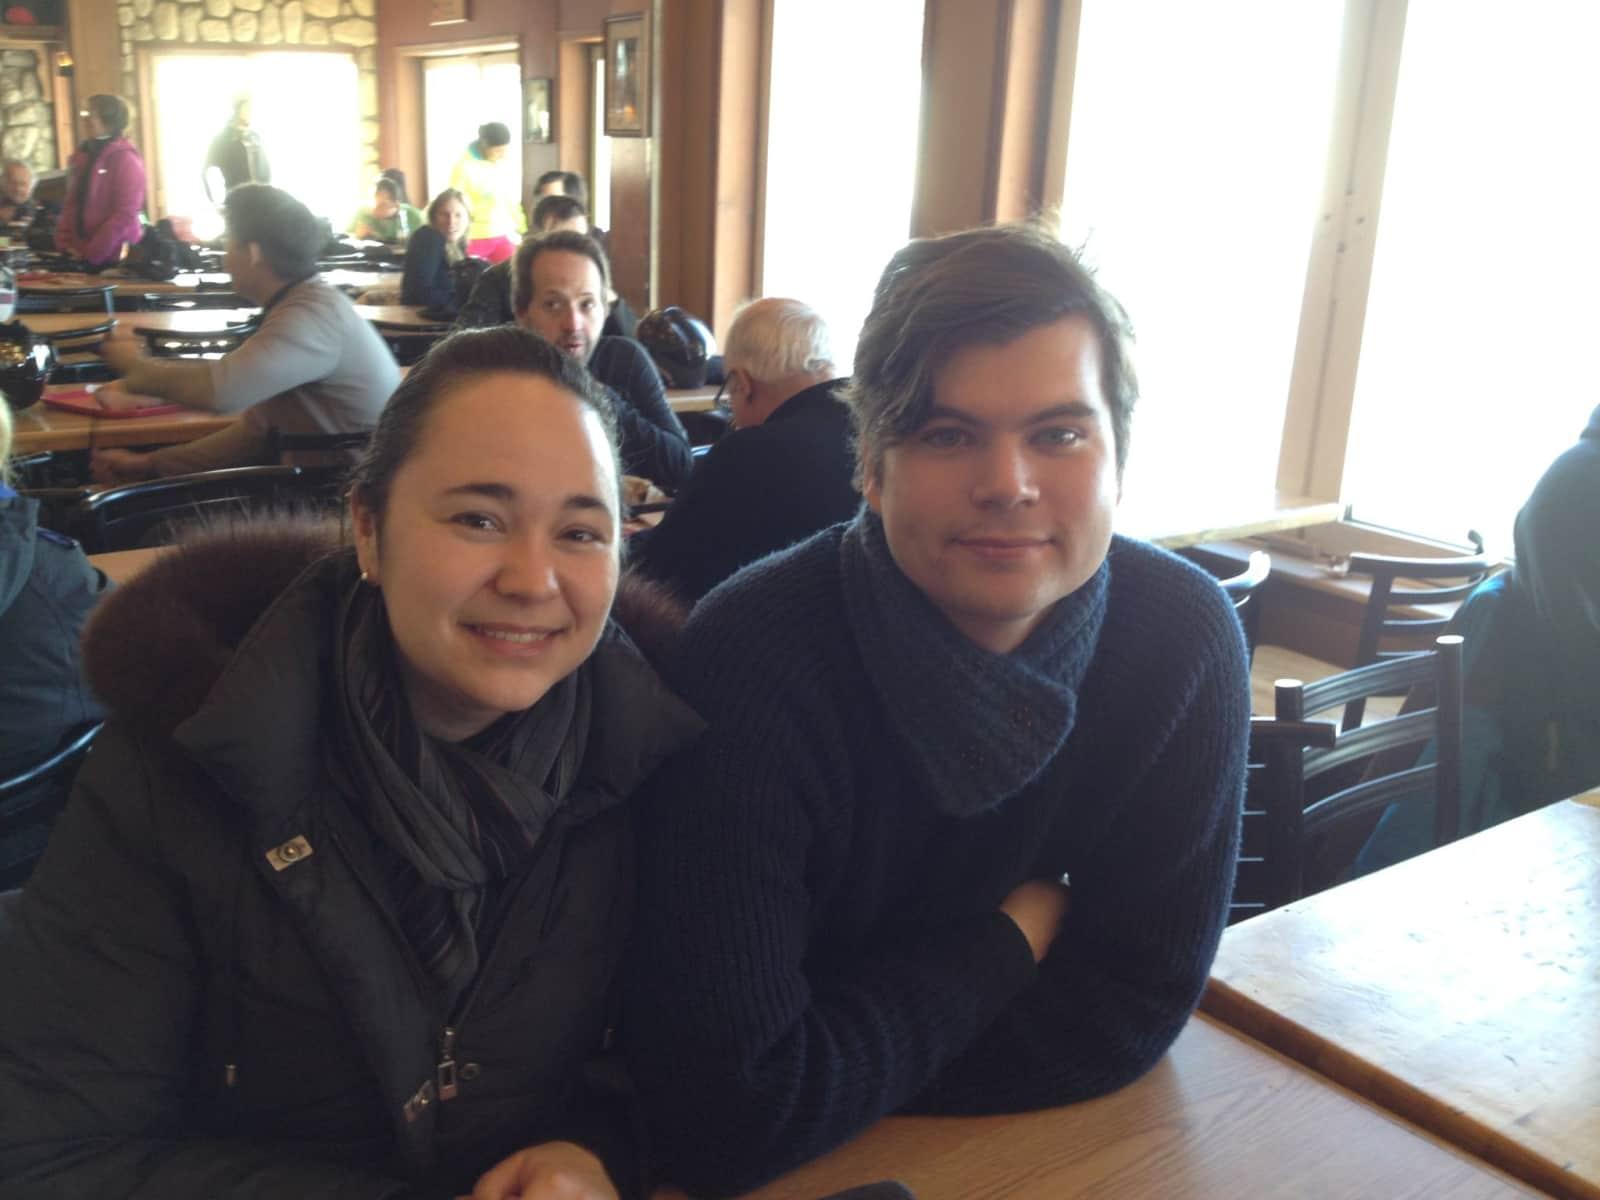 Shawn & Sam from Birmingham, United Kingdom